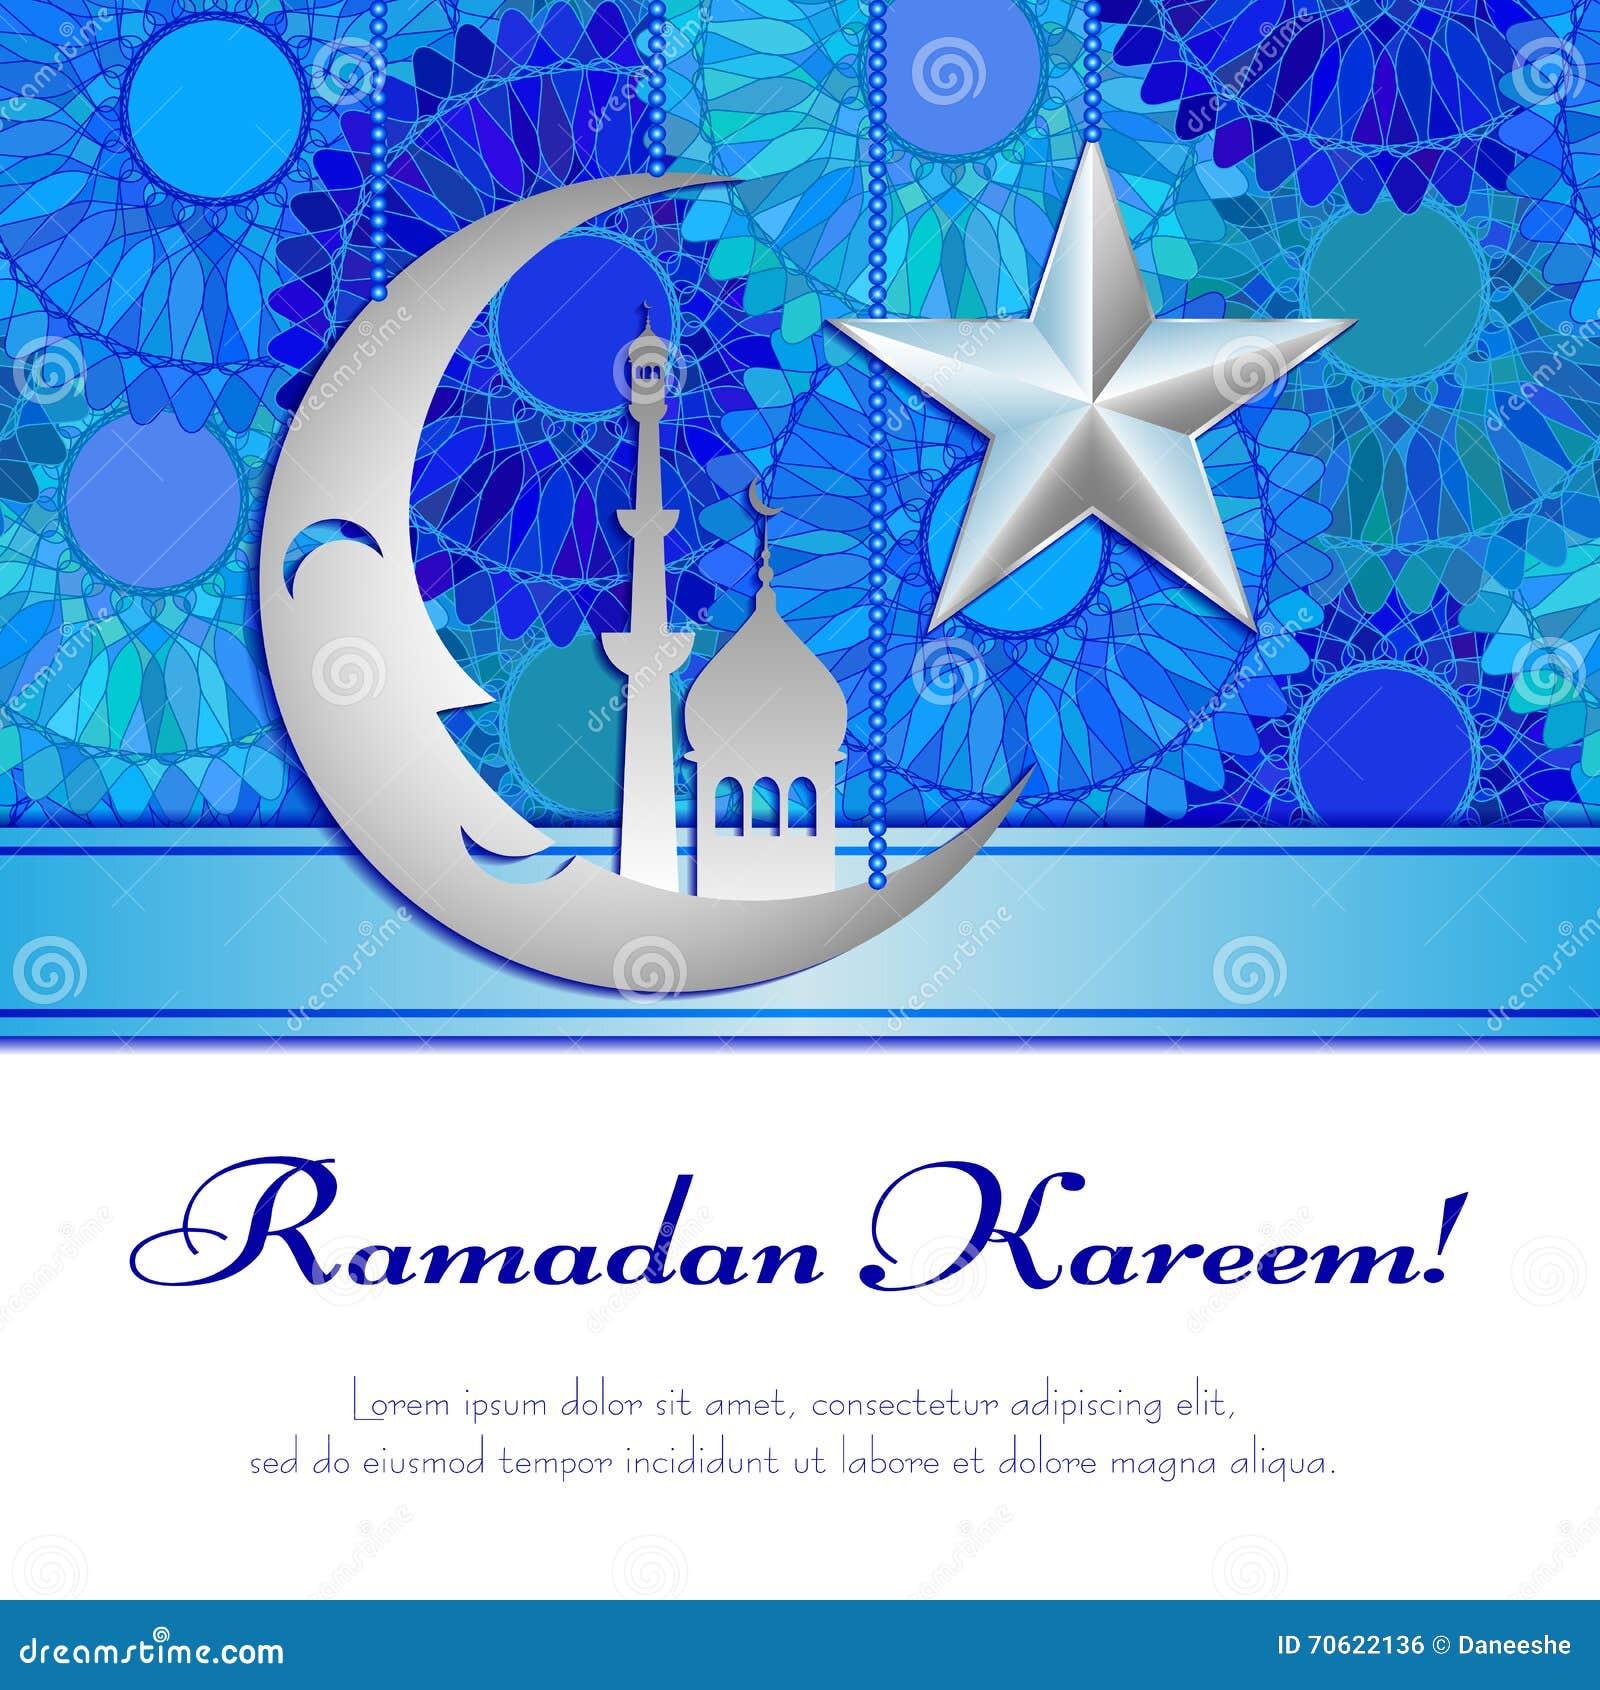 Popular Hijri Eid Al-Fitr Greeting - card-greeting-islamic-feasts-silver-moon-star-blue-mandala-pattern-holidays-ramadan-eid-al-fitr-eid-al-adha-vector-70622136  You Should Have_6110067 .jpg